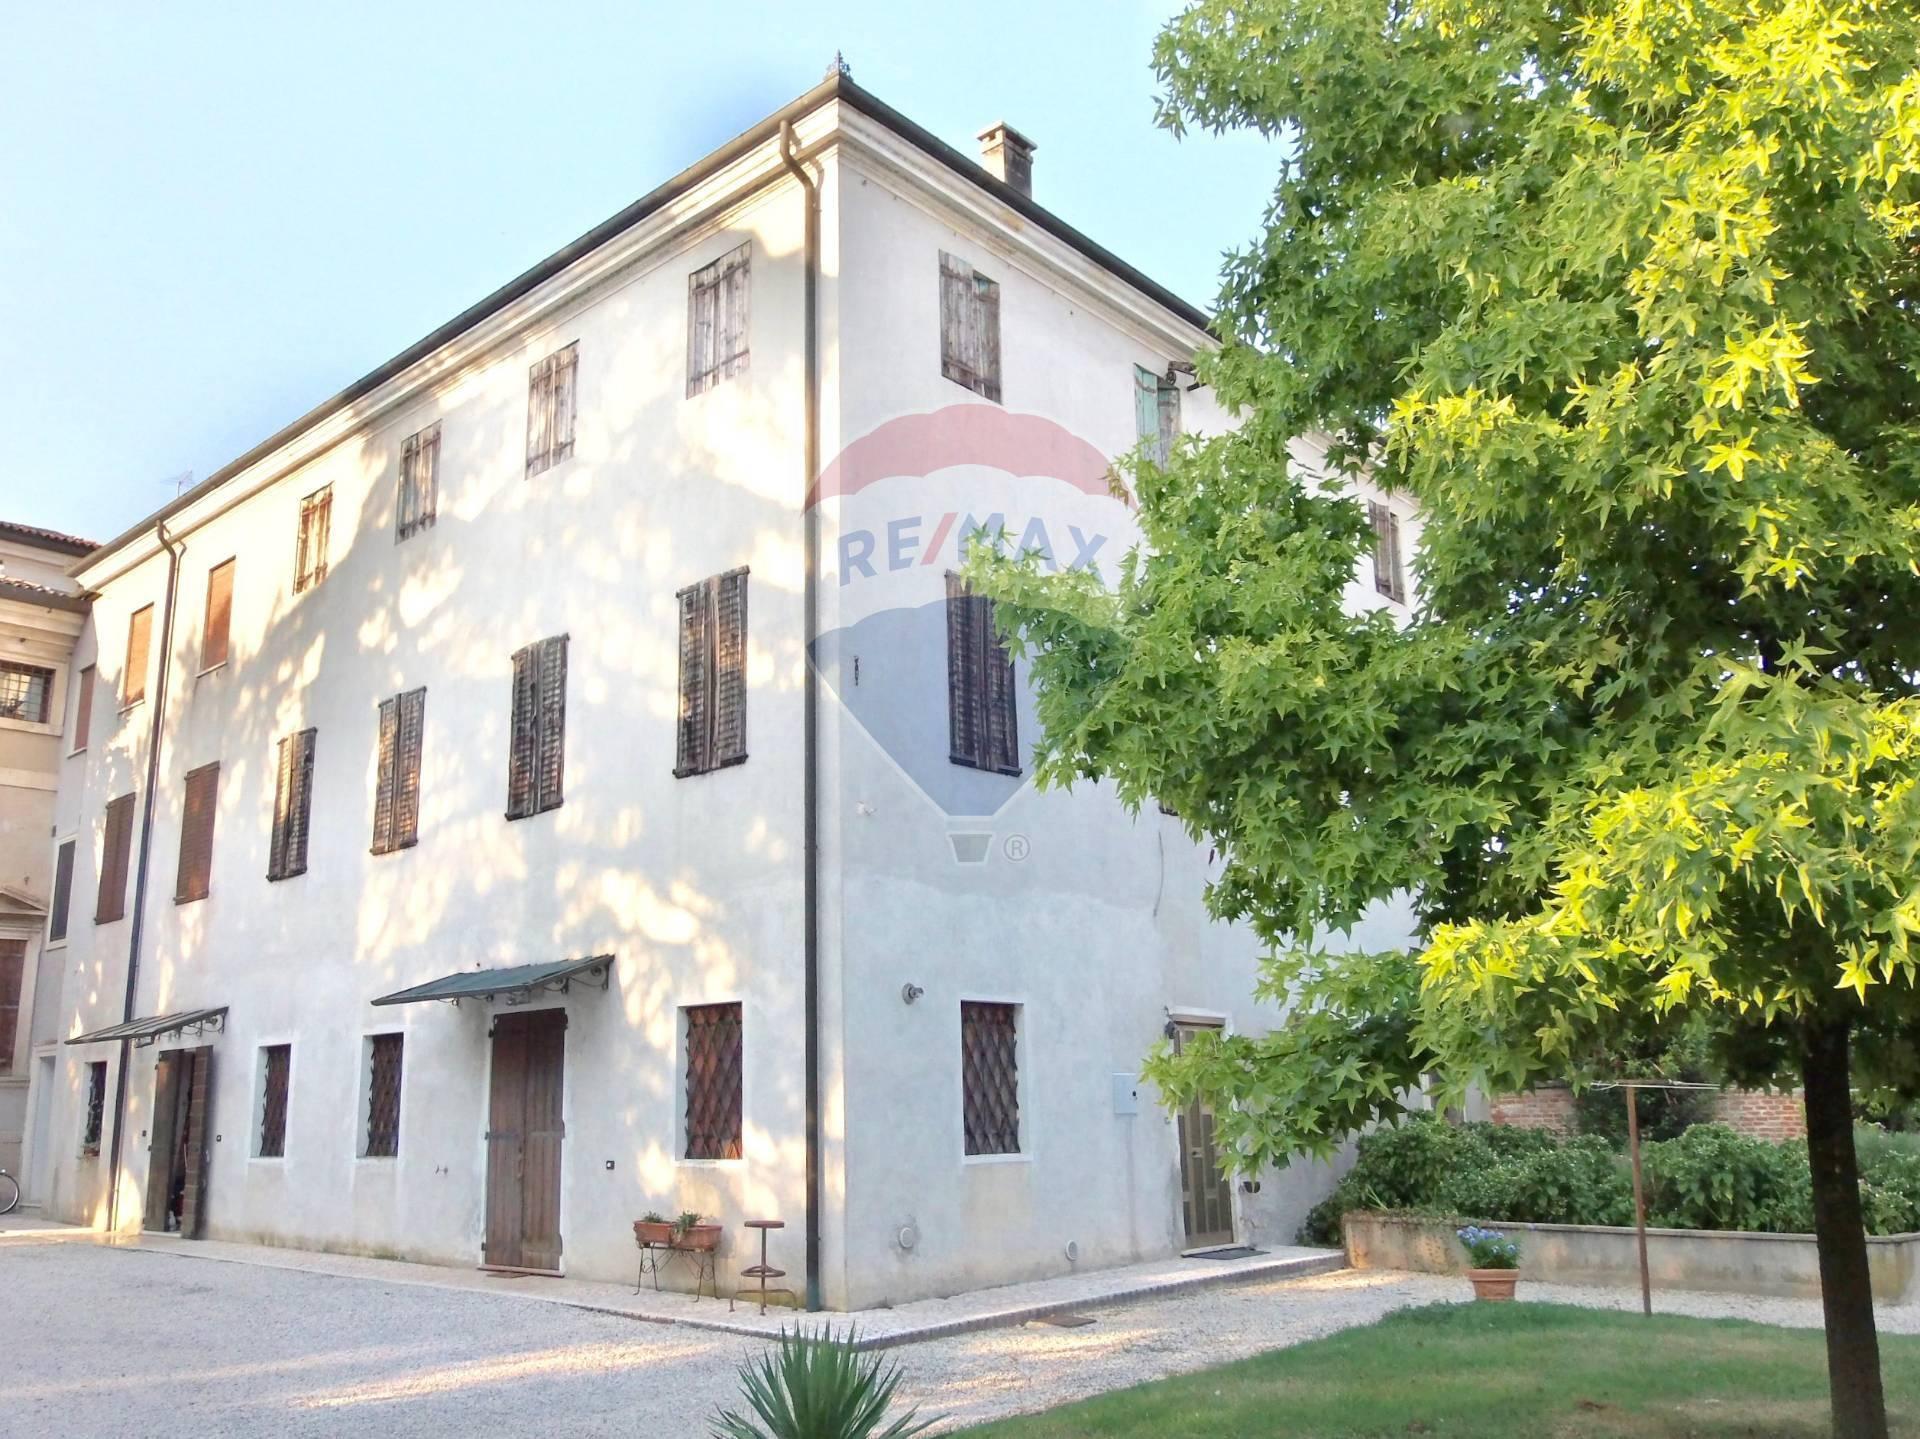 Rustico / Casale in vendita a Torri di Quartesolo, 10 locali, zona Zona: Marola, prezzo € 255.000   CambioCasa.it